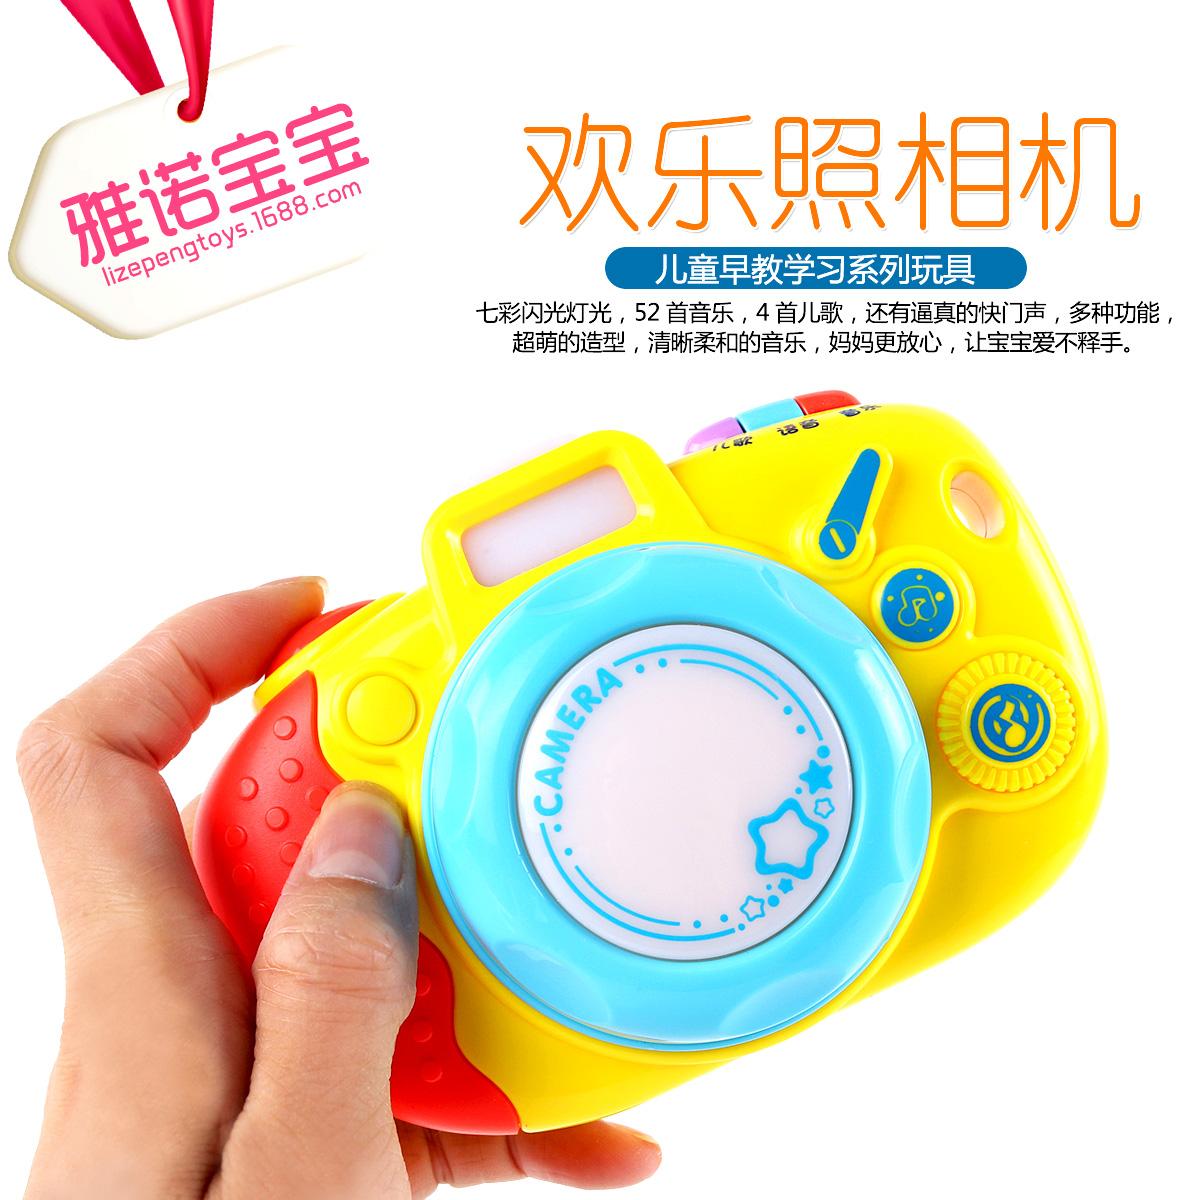 Копия Реальная камера модель игрушечная музыка маленький ребенок детские детские Prop раннее образование девушка мультфильм мужской ребенок